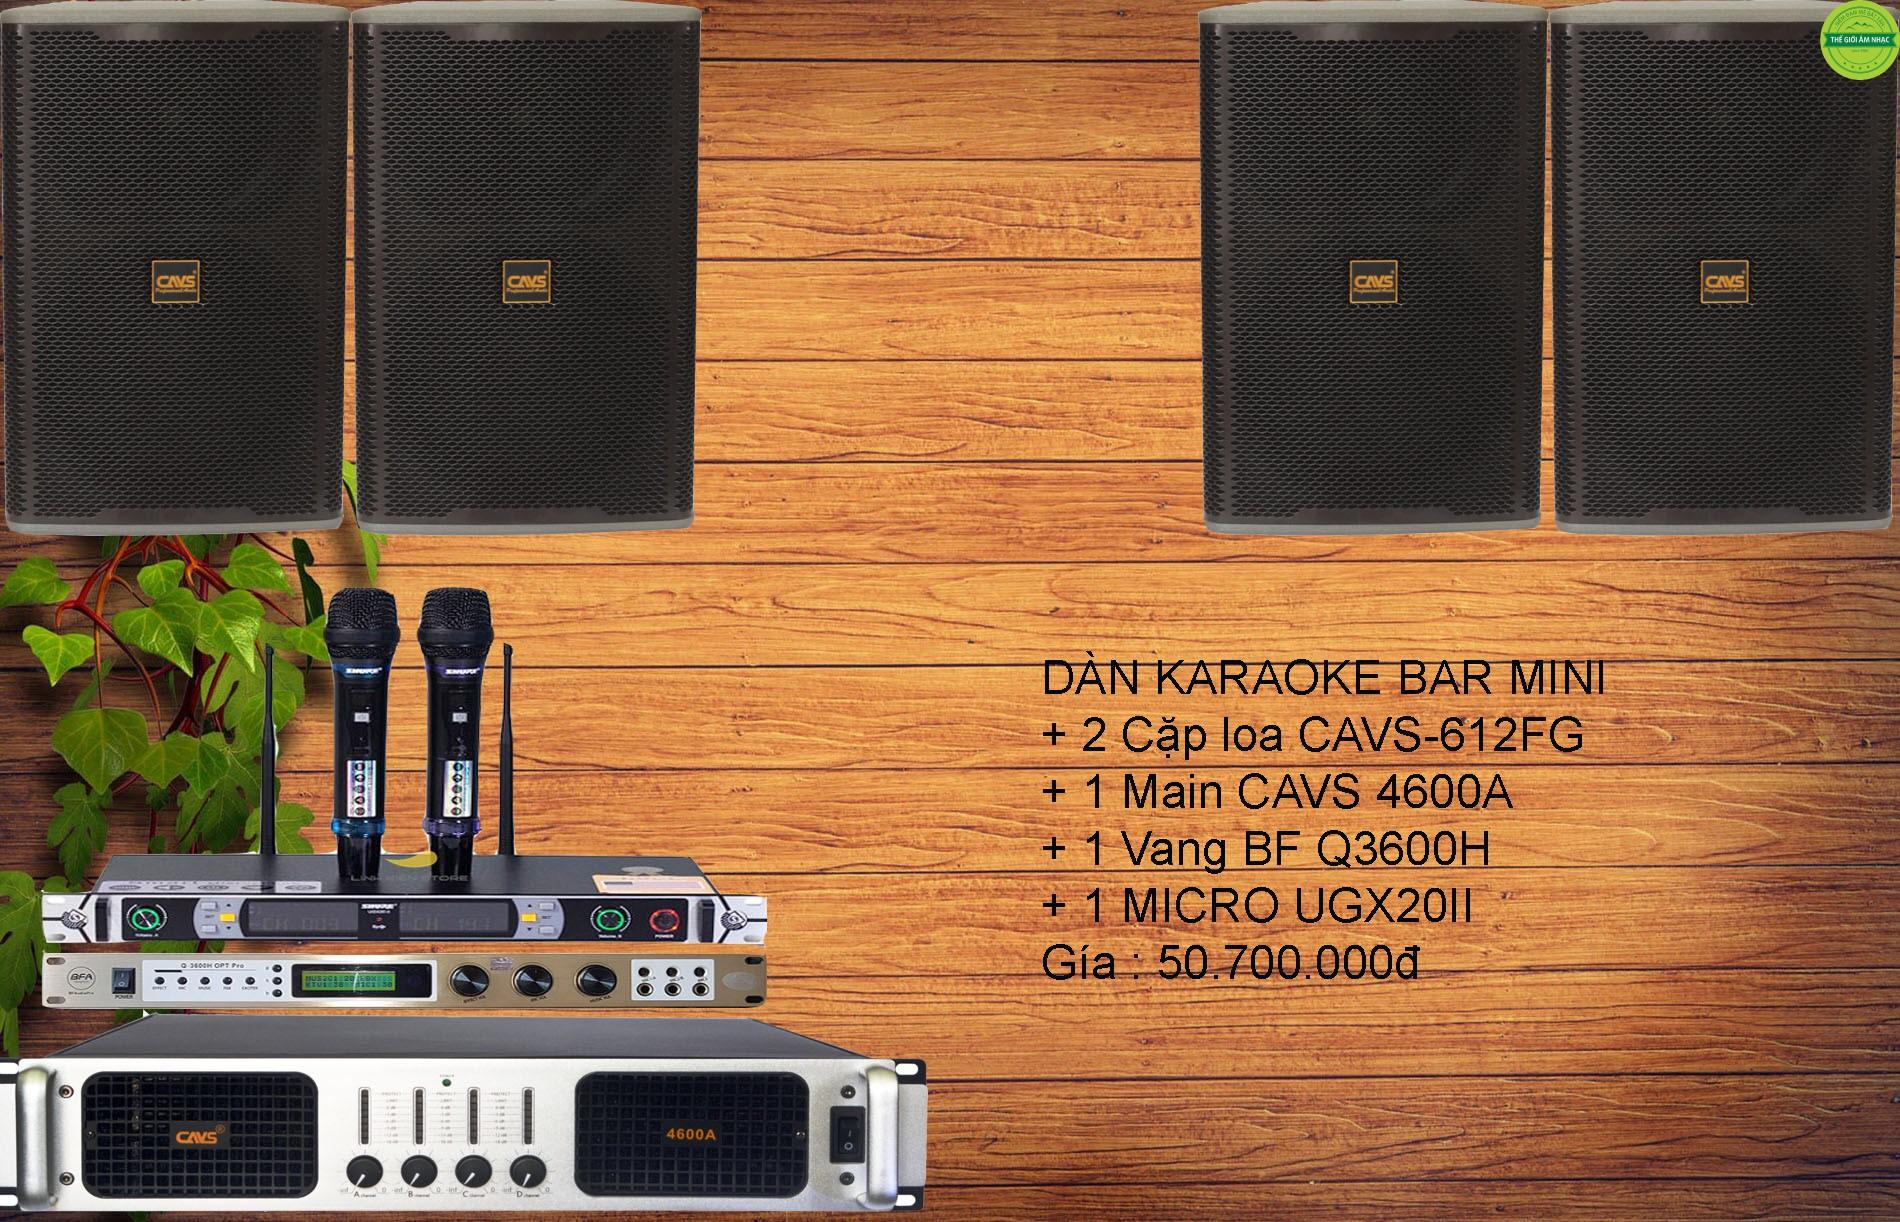 Dàn âm thanh Bar mini giá rẻ